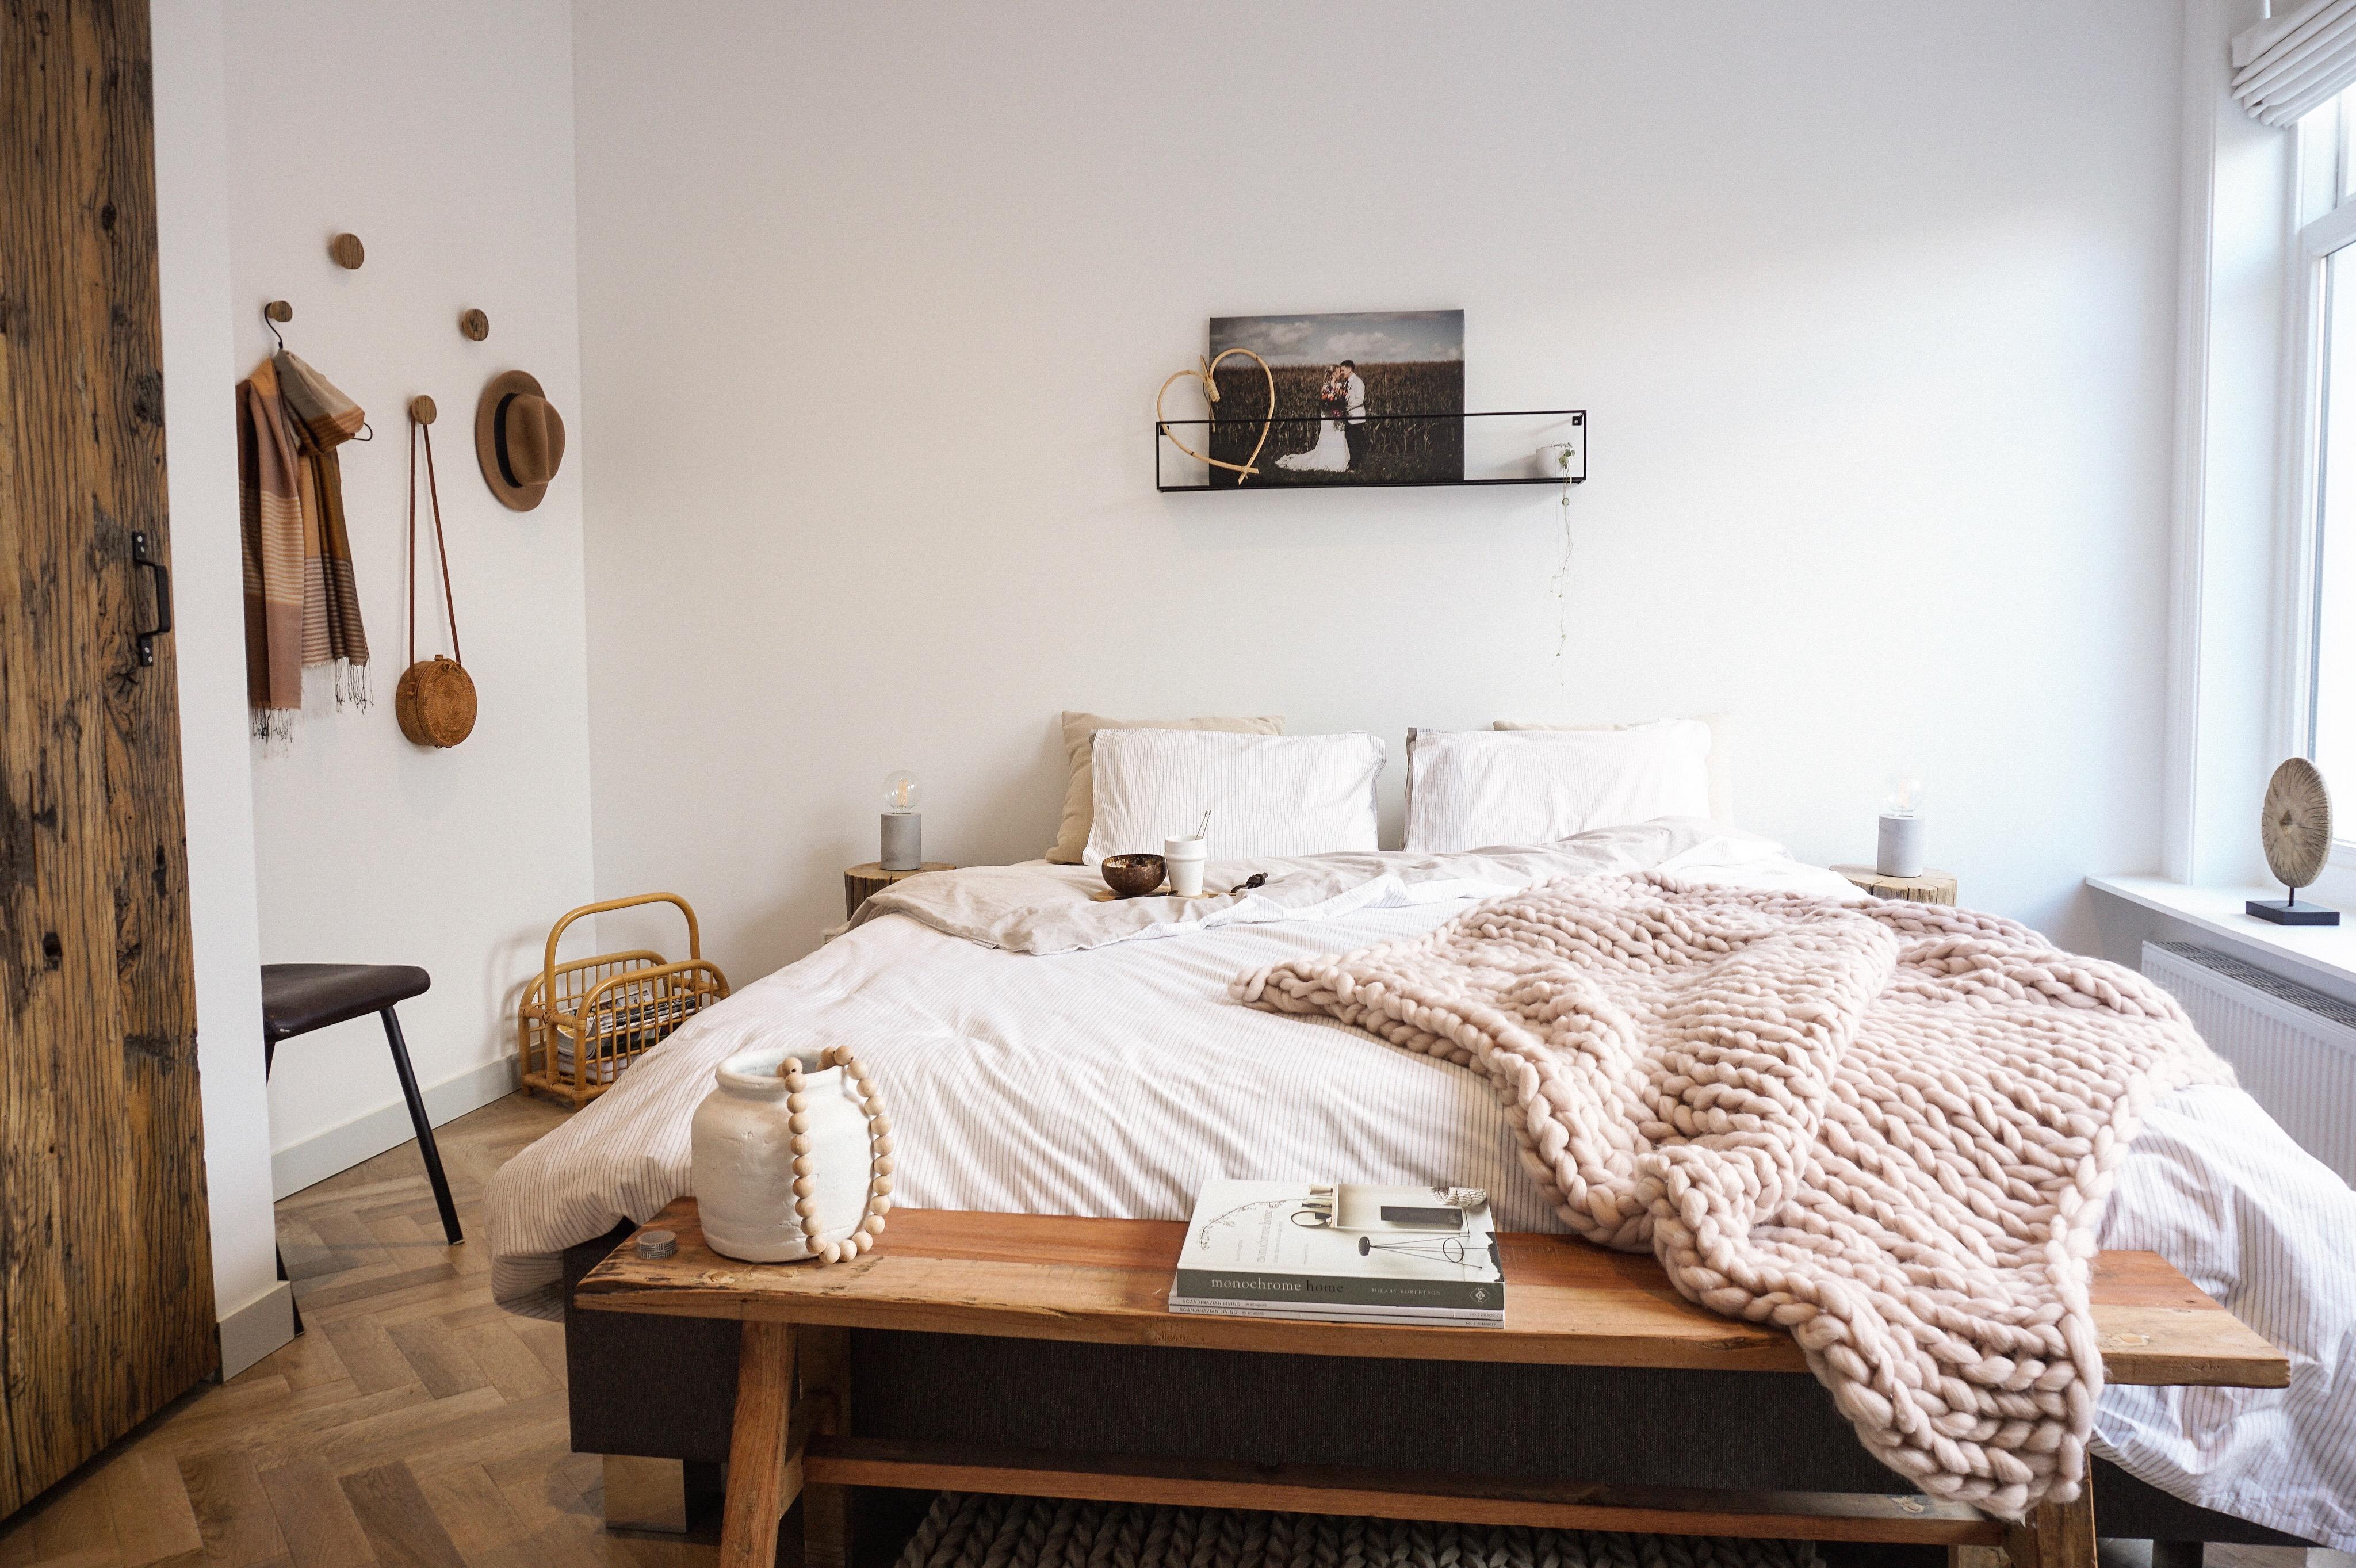 slaapkamer zachte kleuren natuurlijke materialen